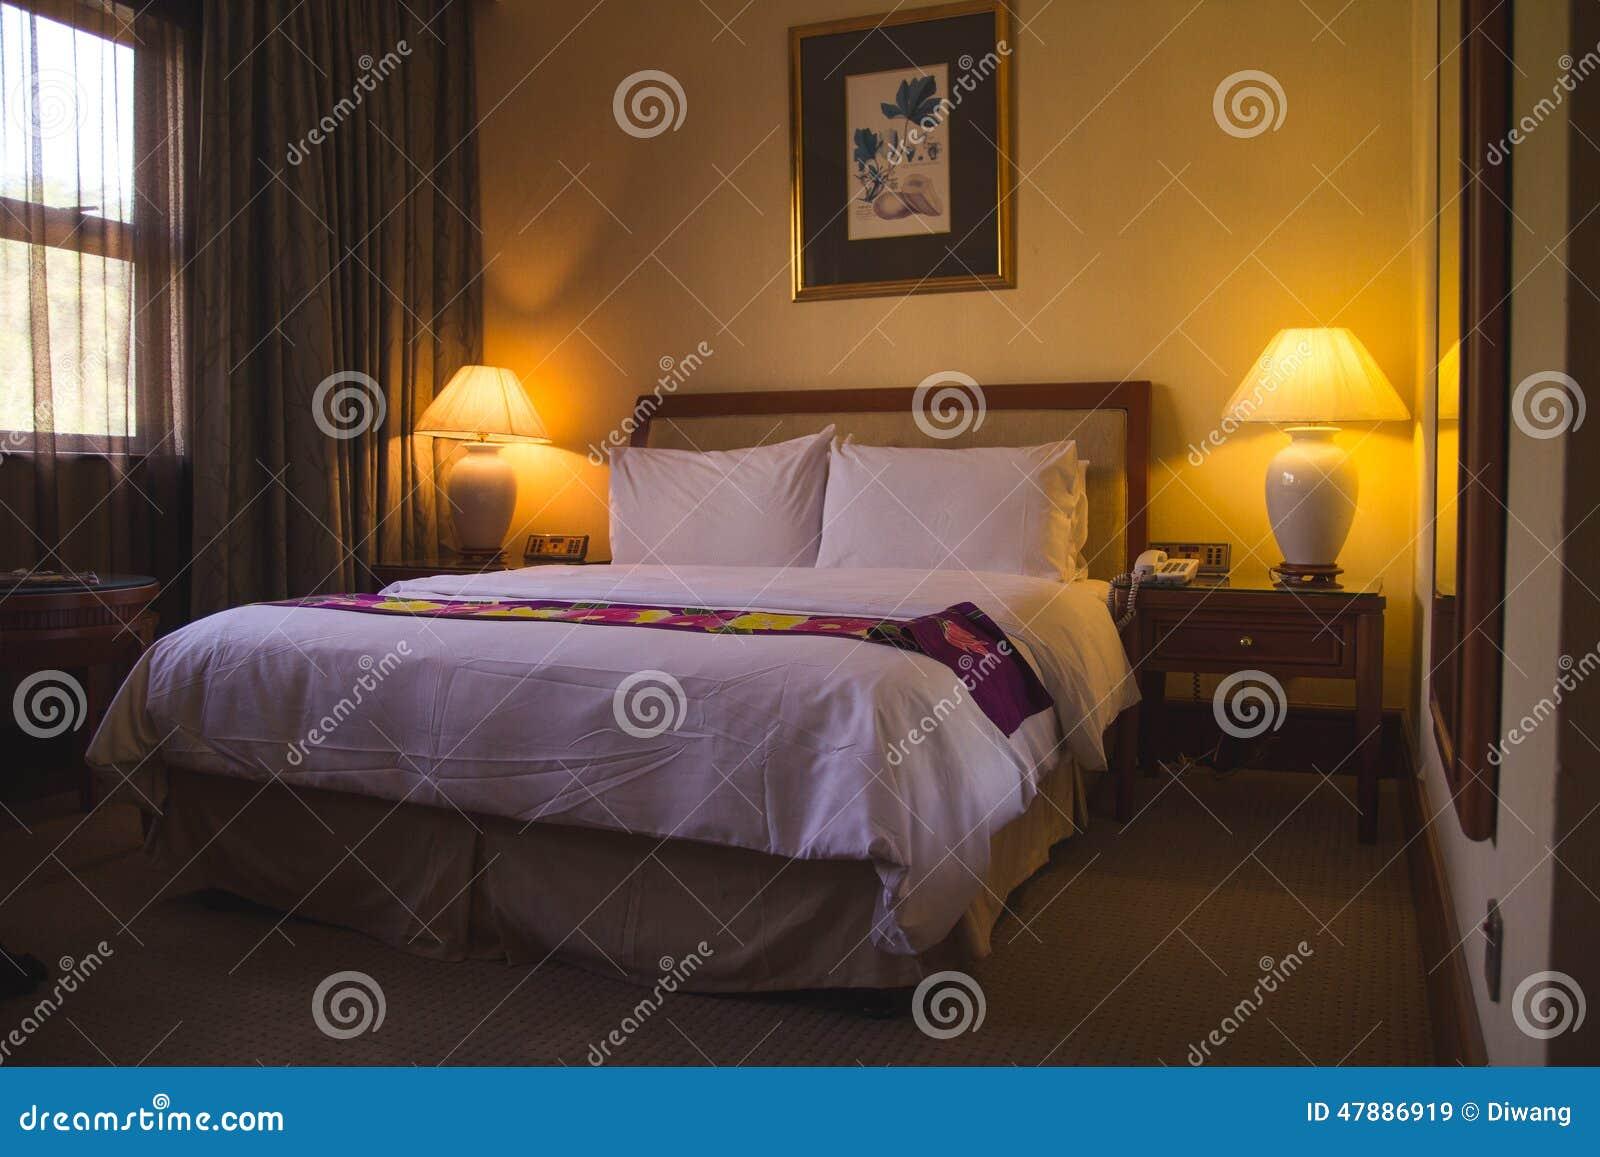 Slaapkamer Hotel Stijl : Home parkhotel auberge vincent